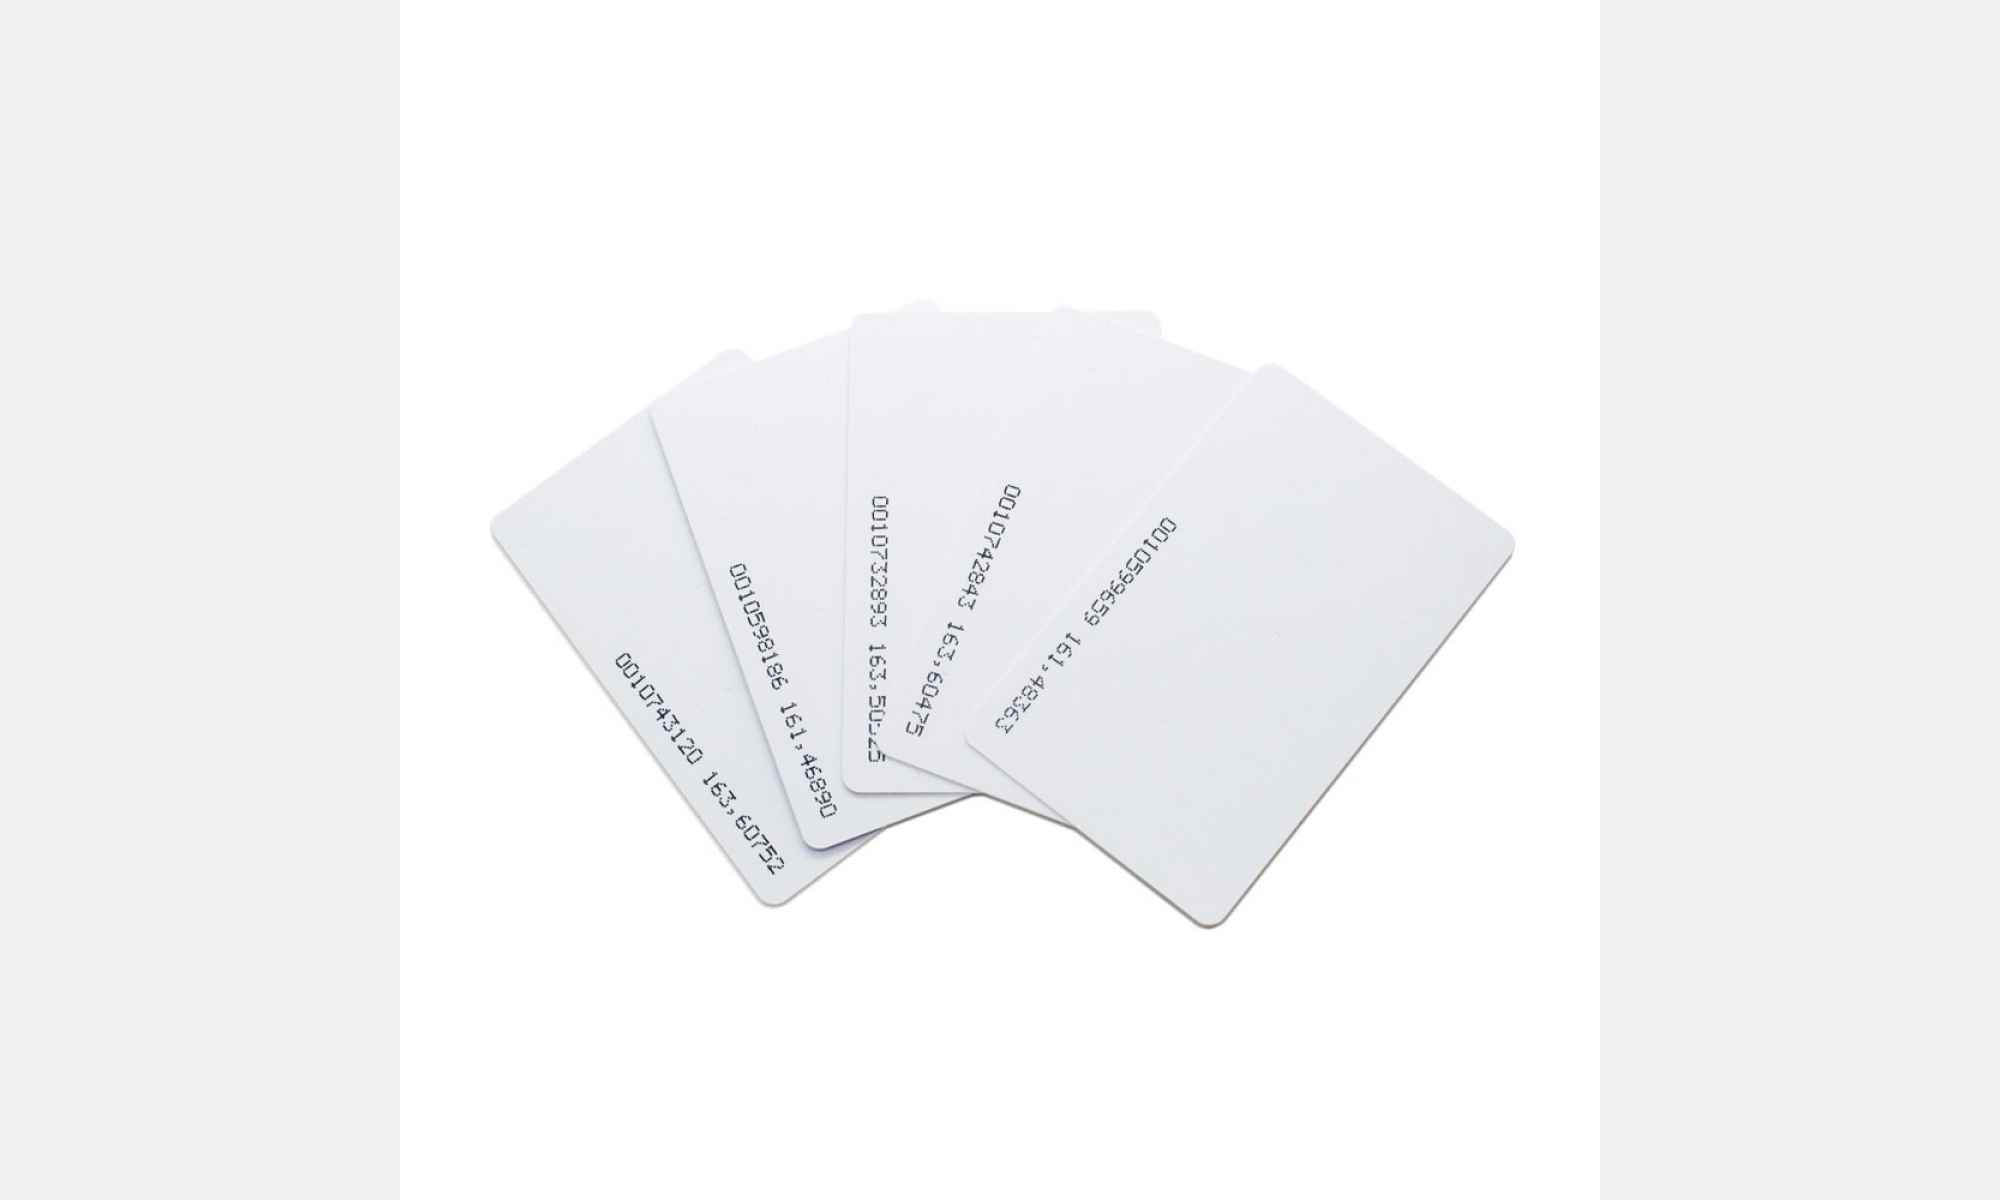 Bezkontaktní karta